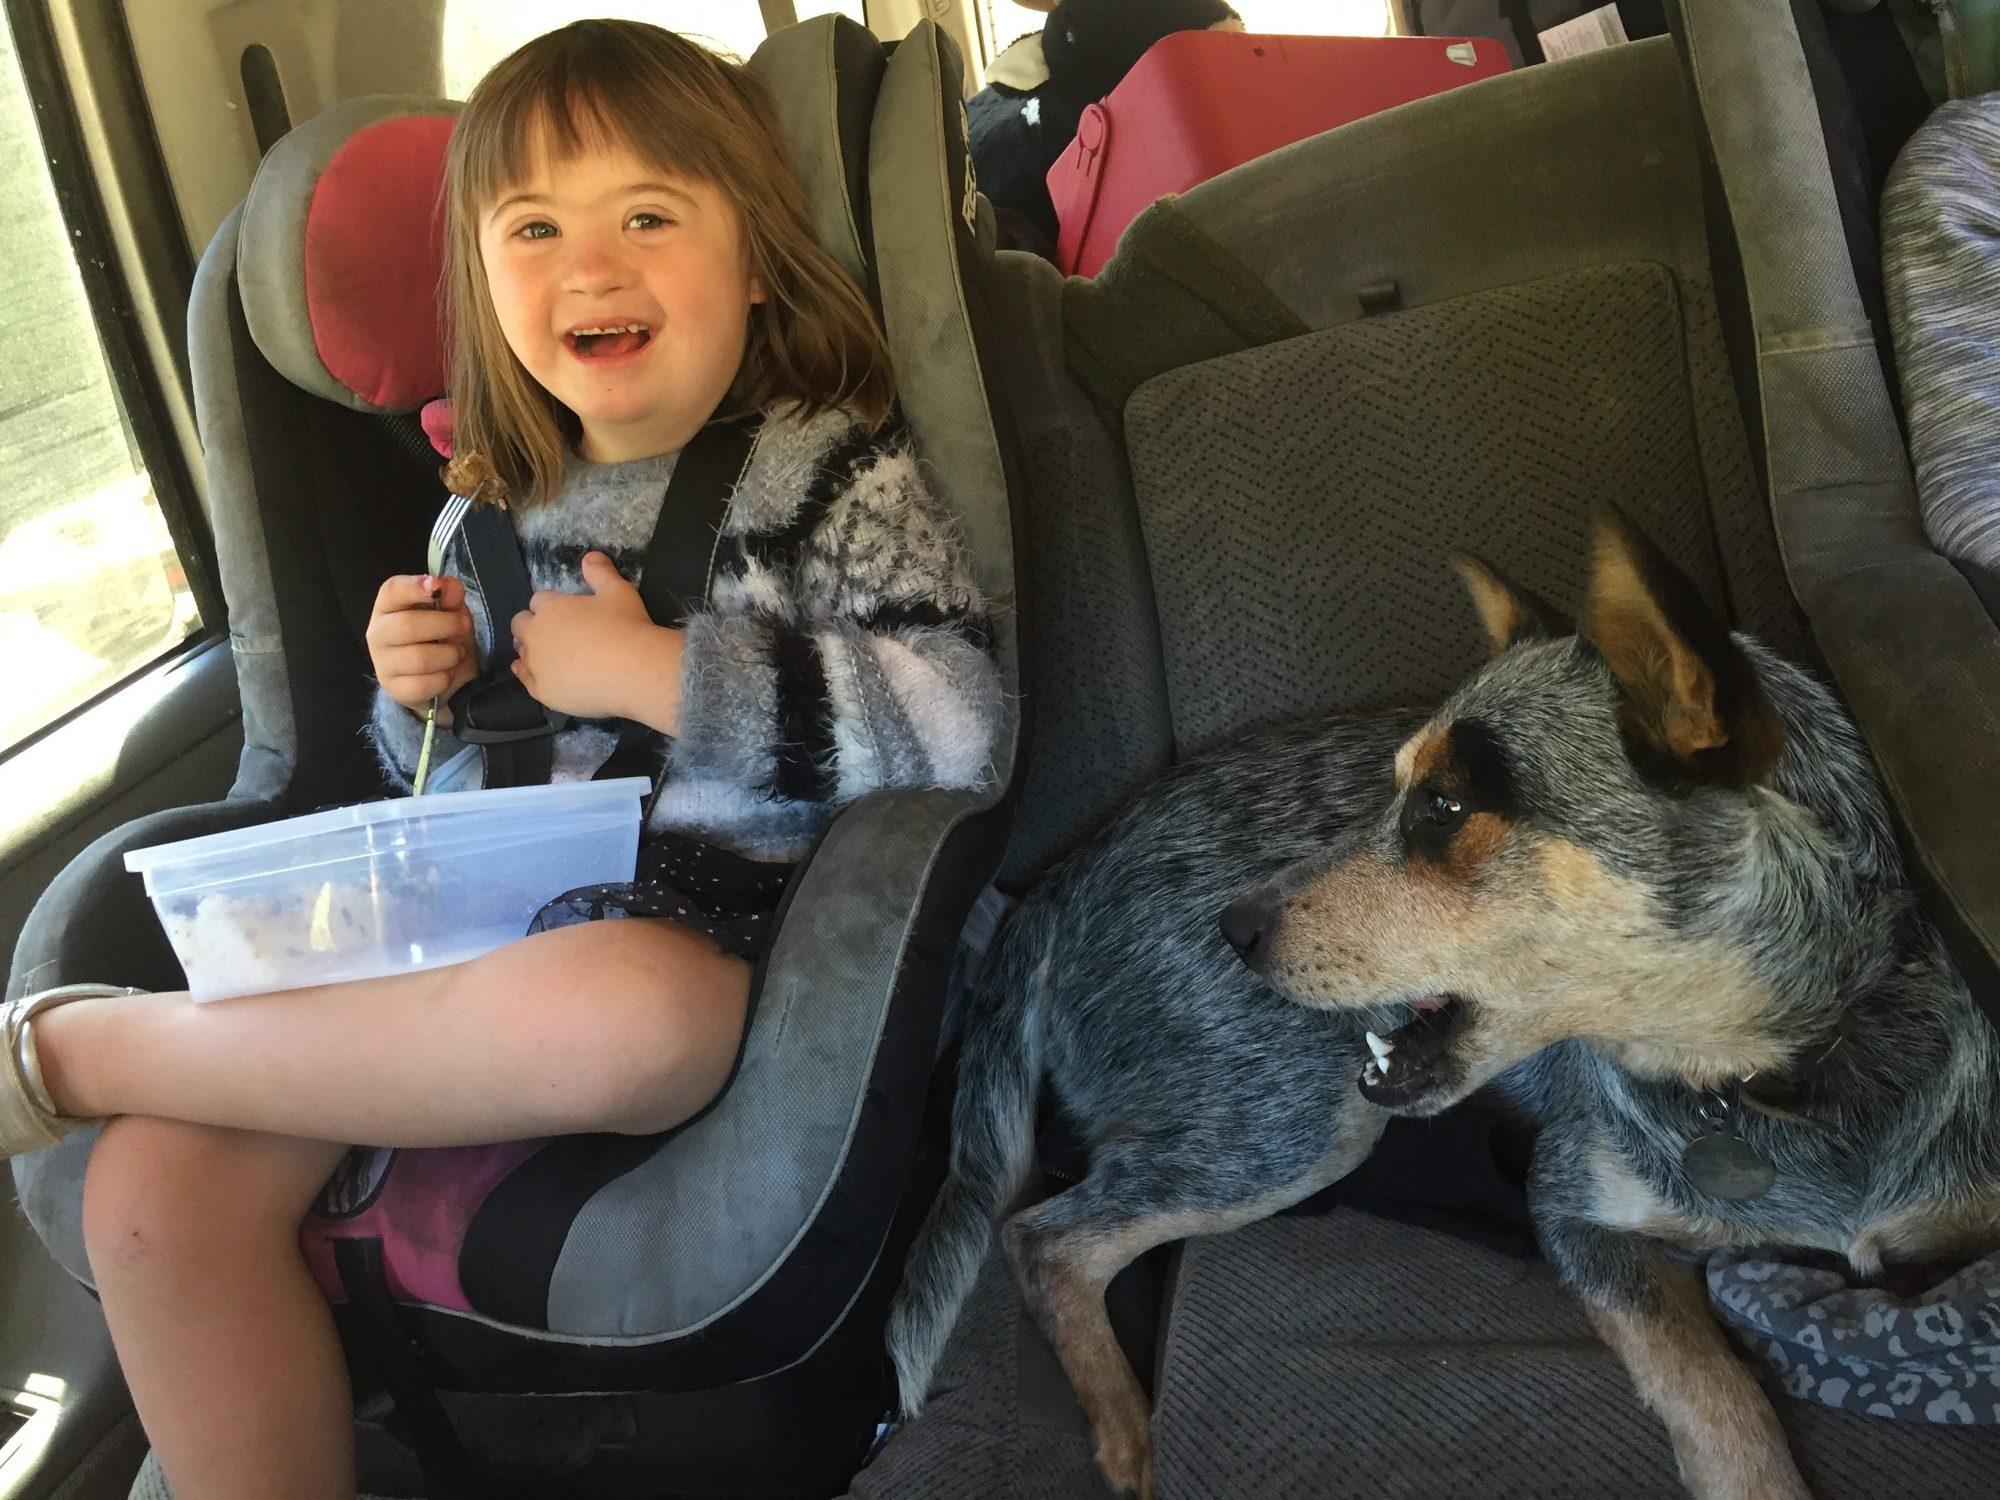 girl smiles in truck